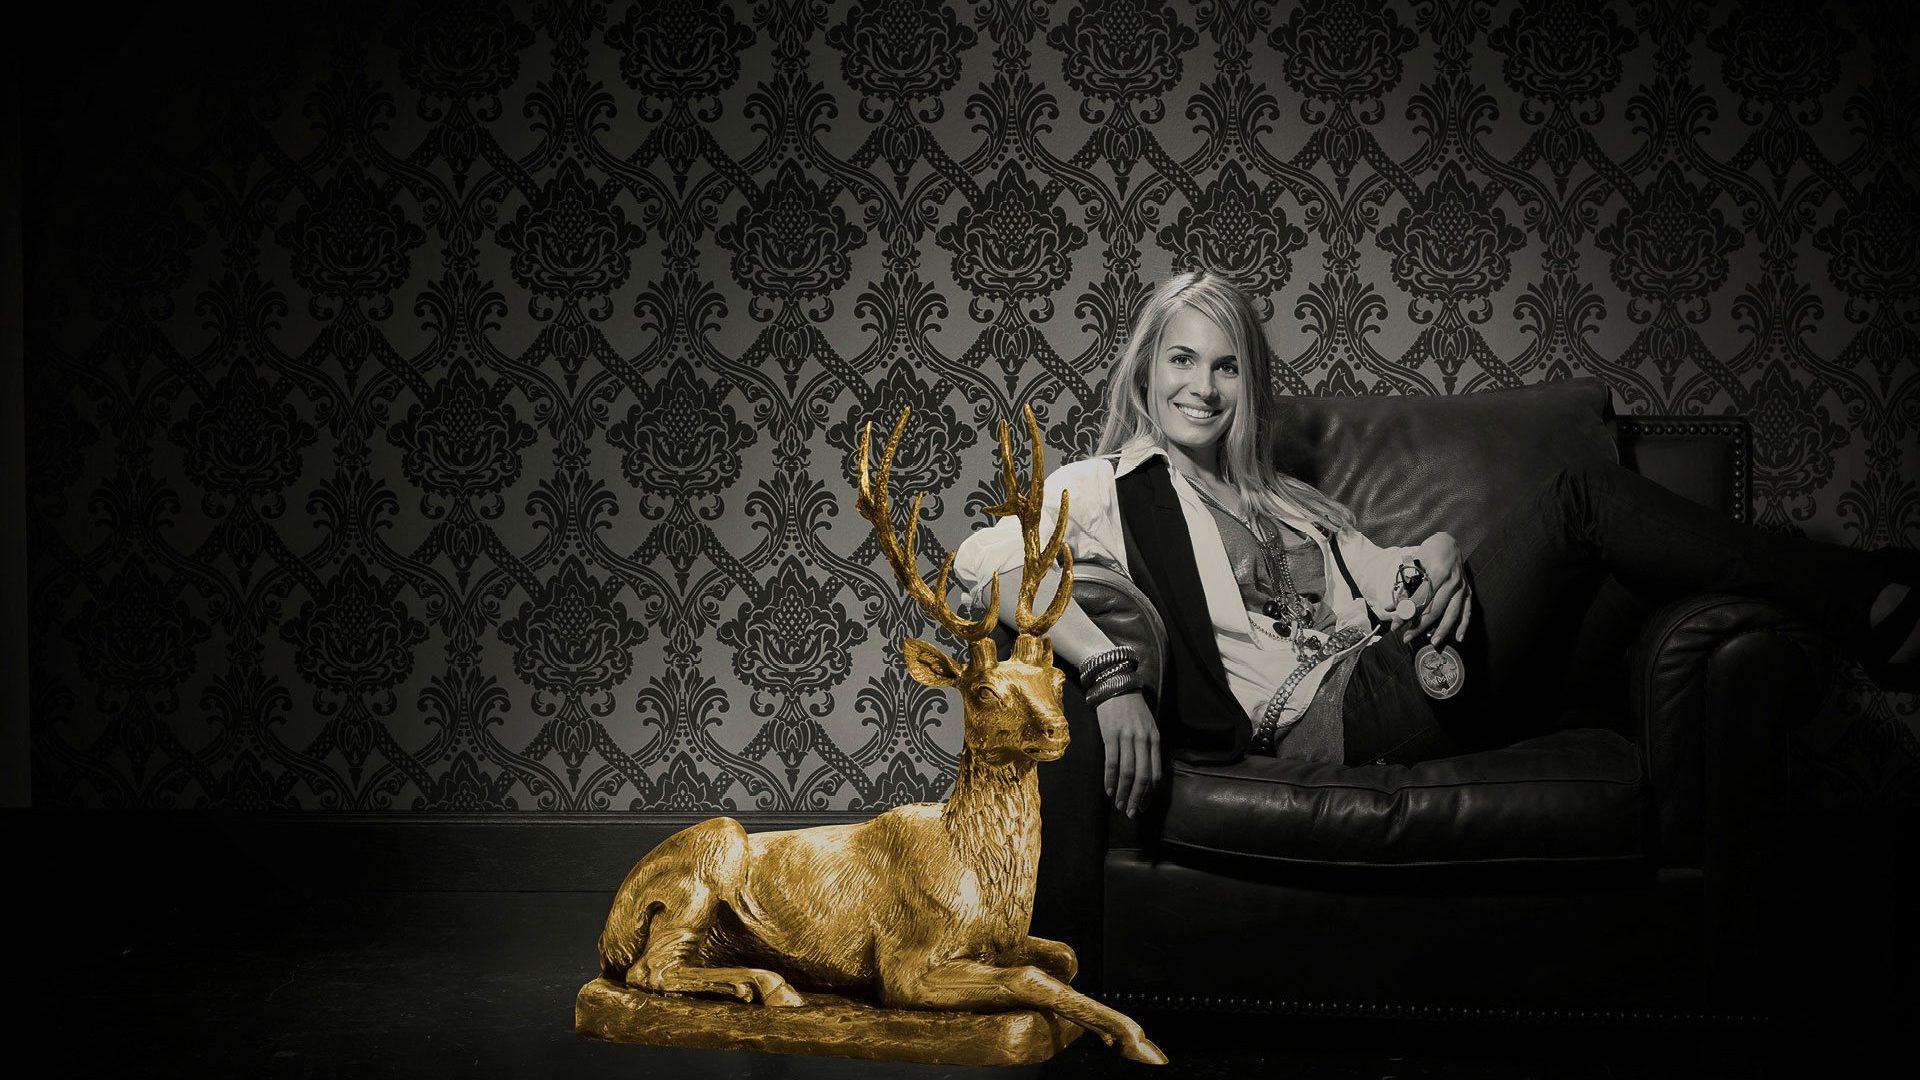 Die Hirsch Goldstoff Einführungskampagne- Schindler Parent